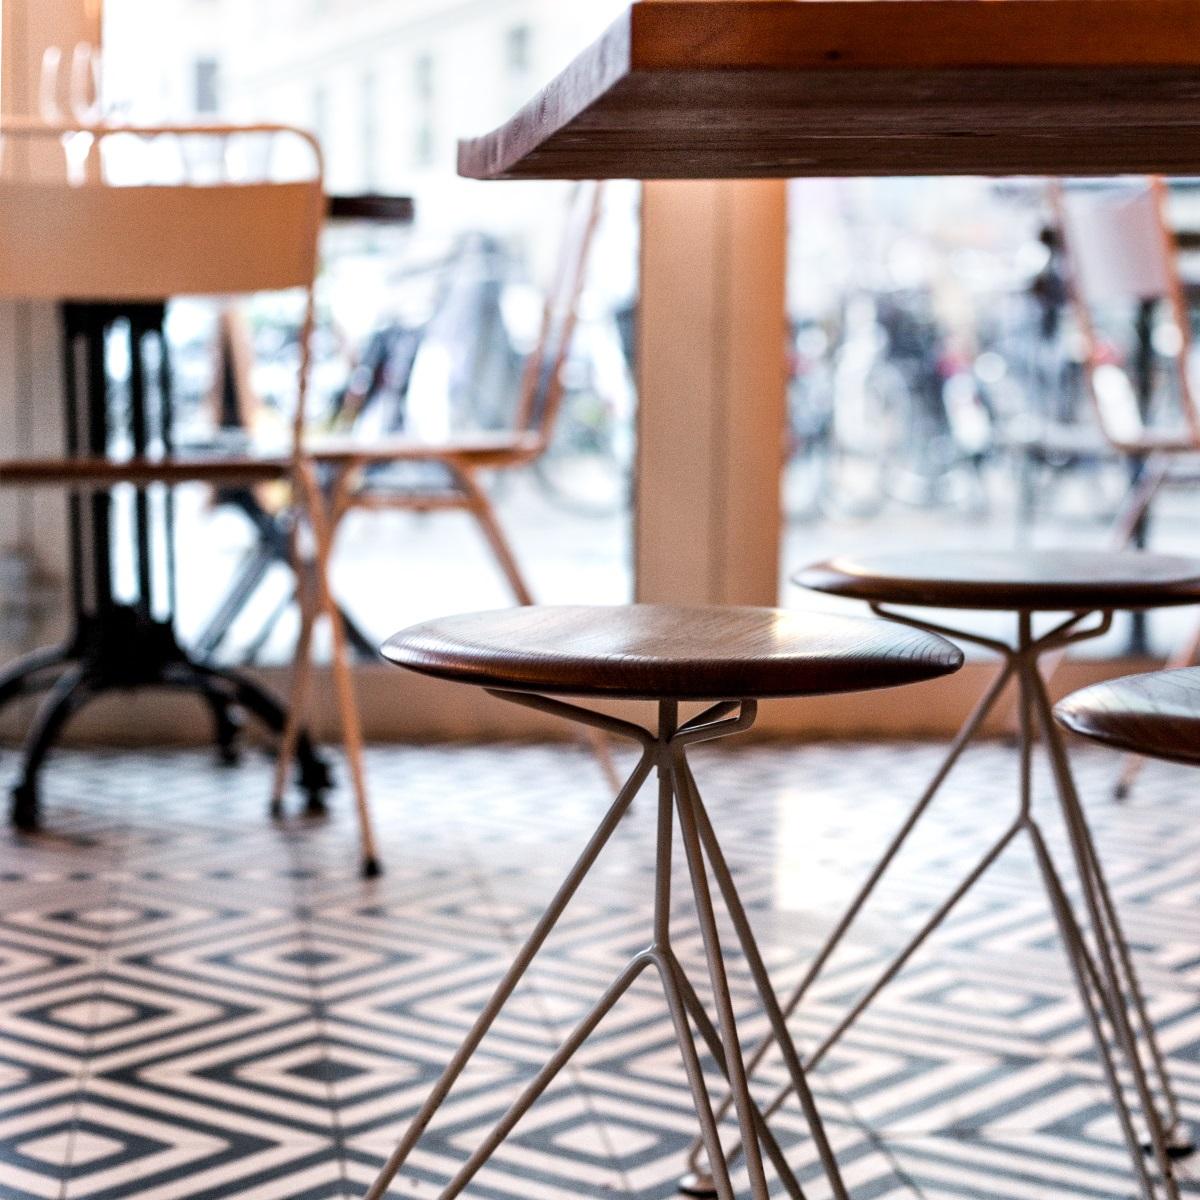 Café und Bäckerei Mirabelle in Kopenhagen